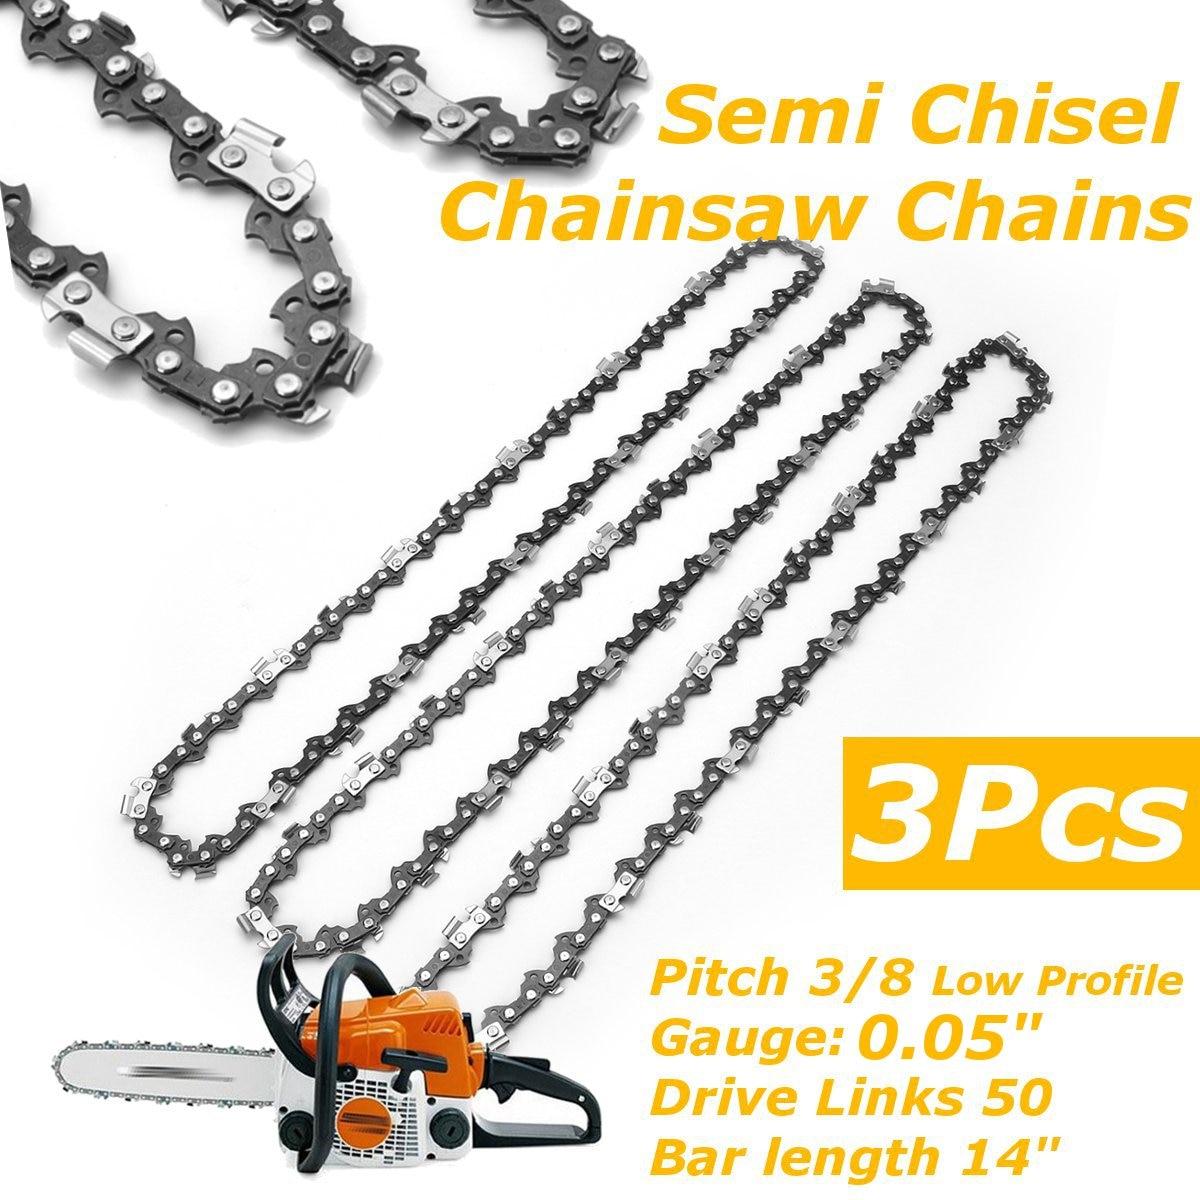 3 шт./компл. цепная пила Semi Chisel цепи 3/8LP 0,05 для Stihl MS170 MS171 MS180 MS181 электрическая пила садовые электроинструменты бензопилы